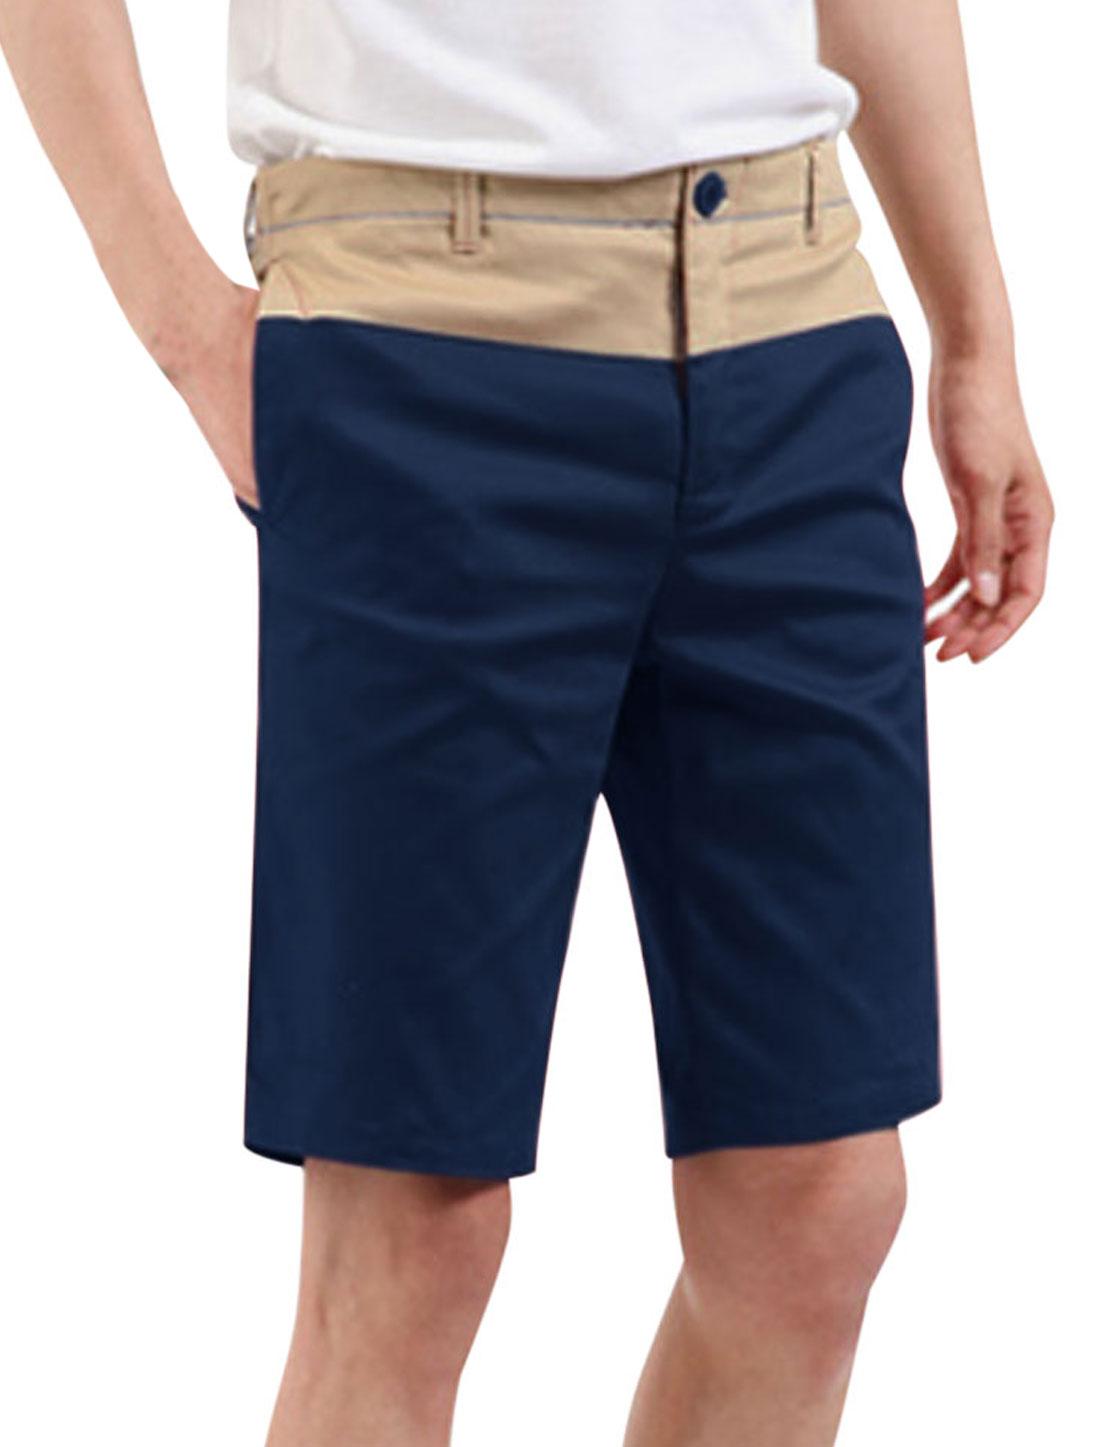 Men Contrast Color Seam Pockets Front Cozy Fit Shorts Navy Blue Khaki W30